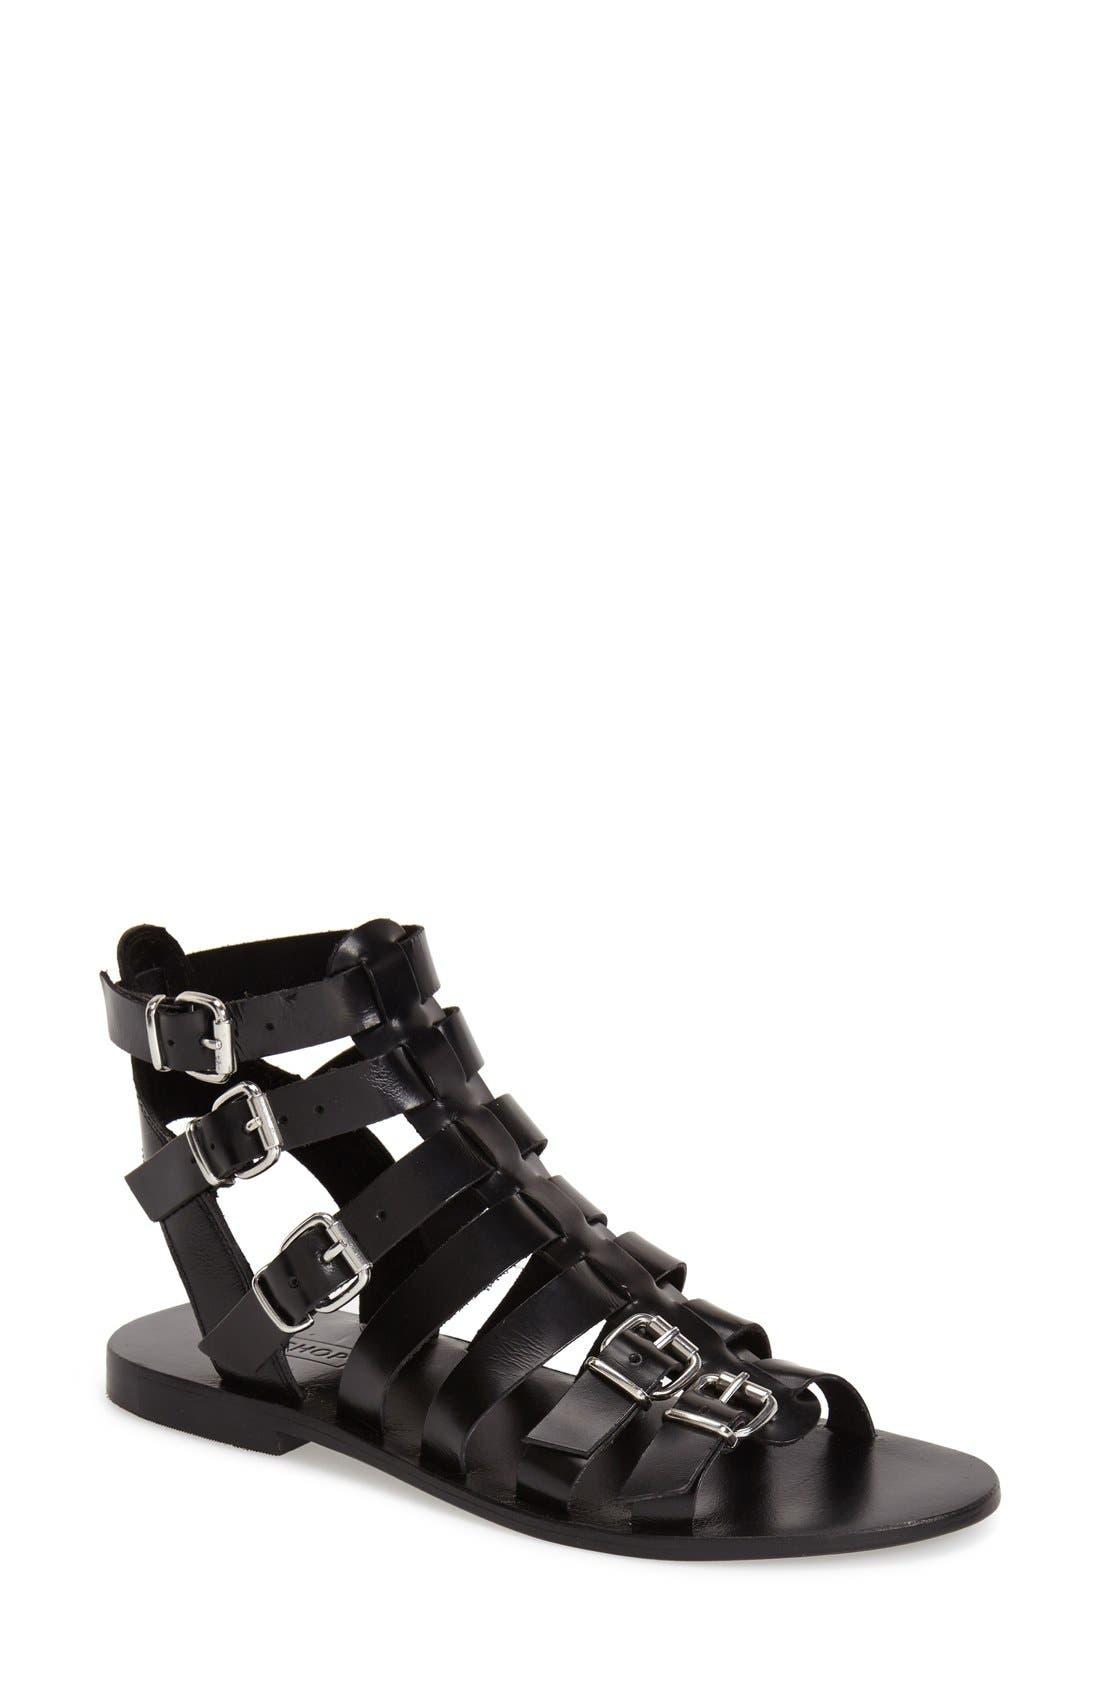 Main Image - Topshop 'Favorite' Flat Gladiator Sandal (Women)